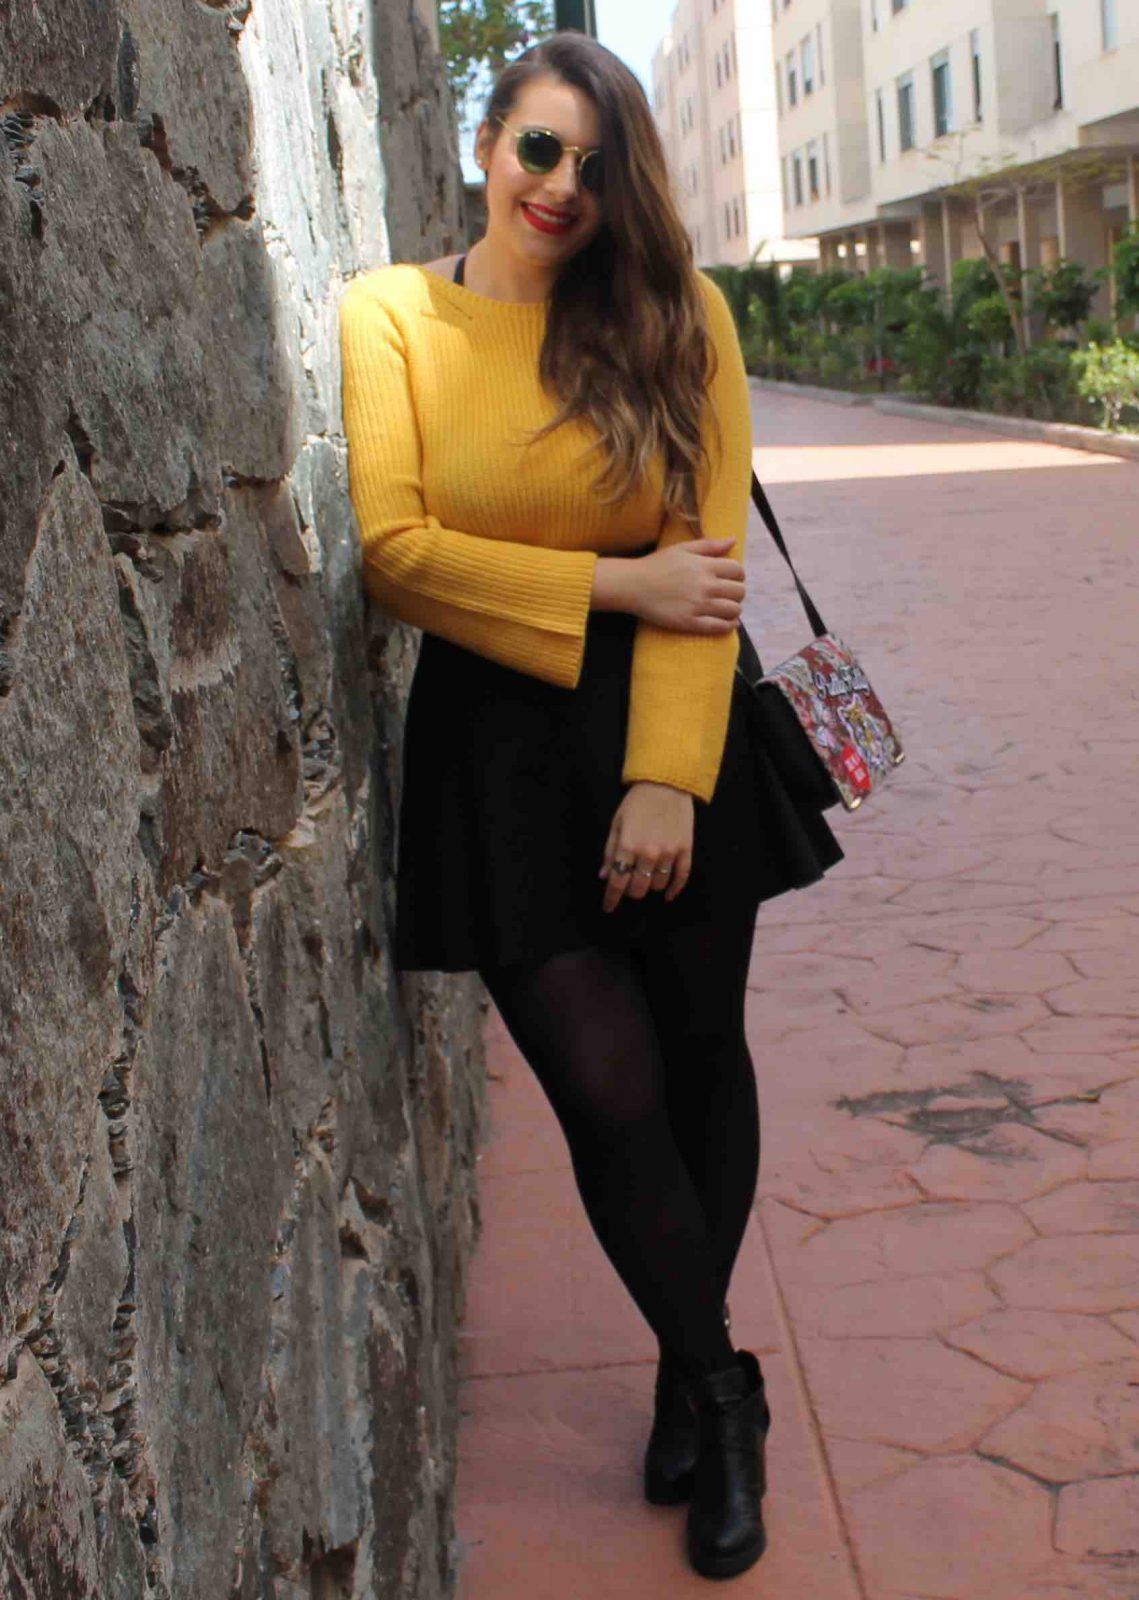 marikowskaya streete style amanda jersey amarillo (2)